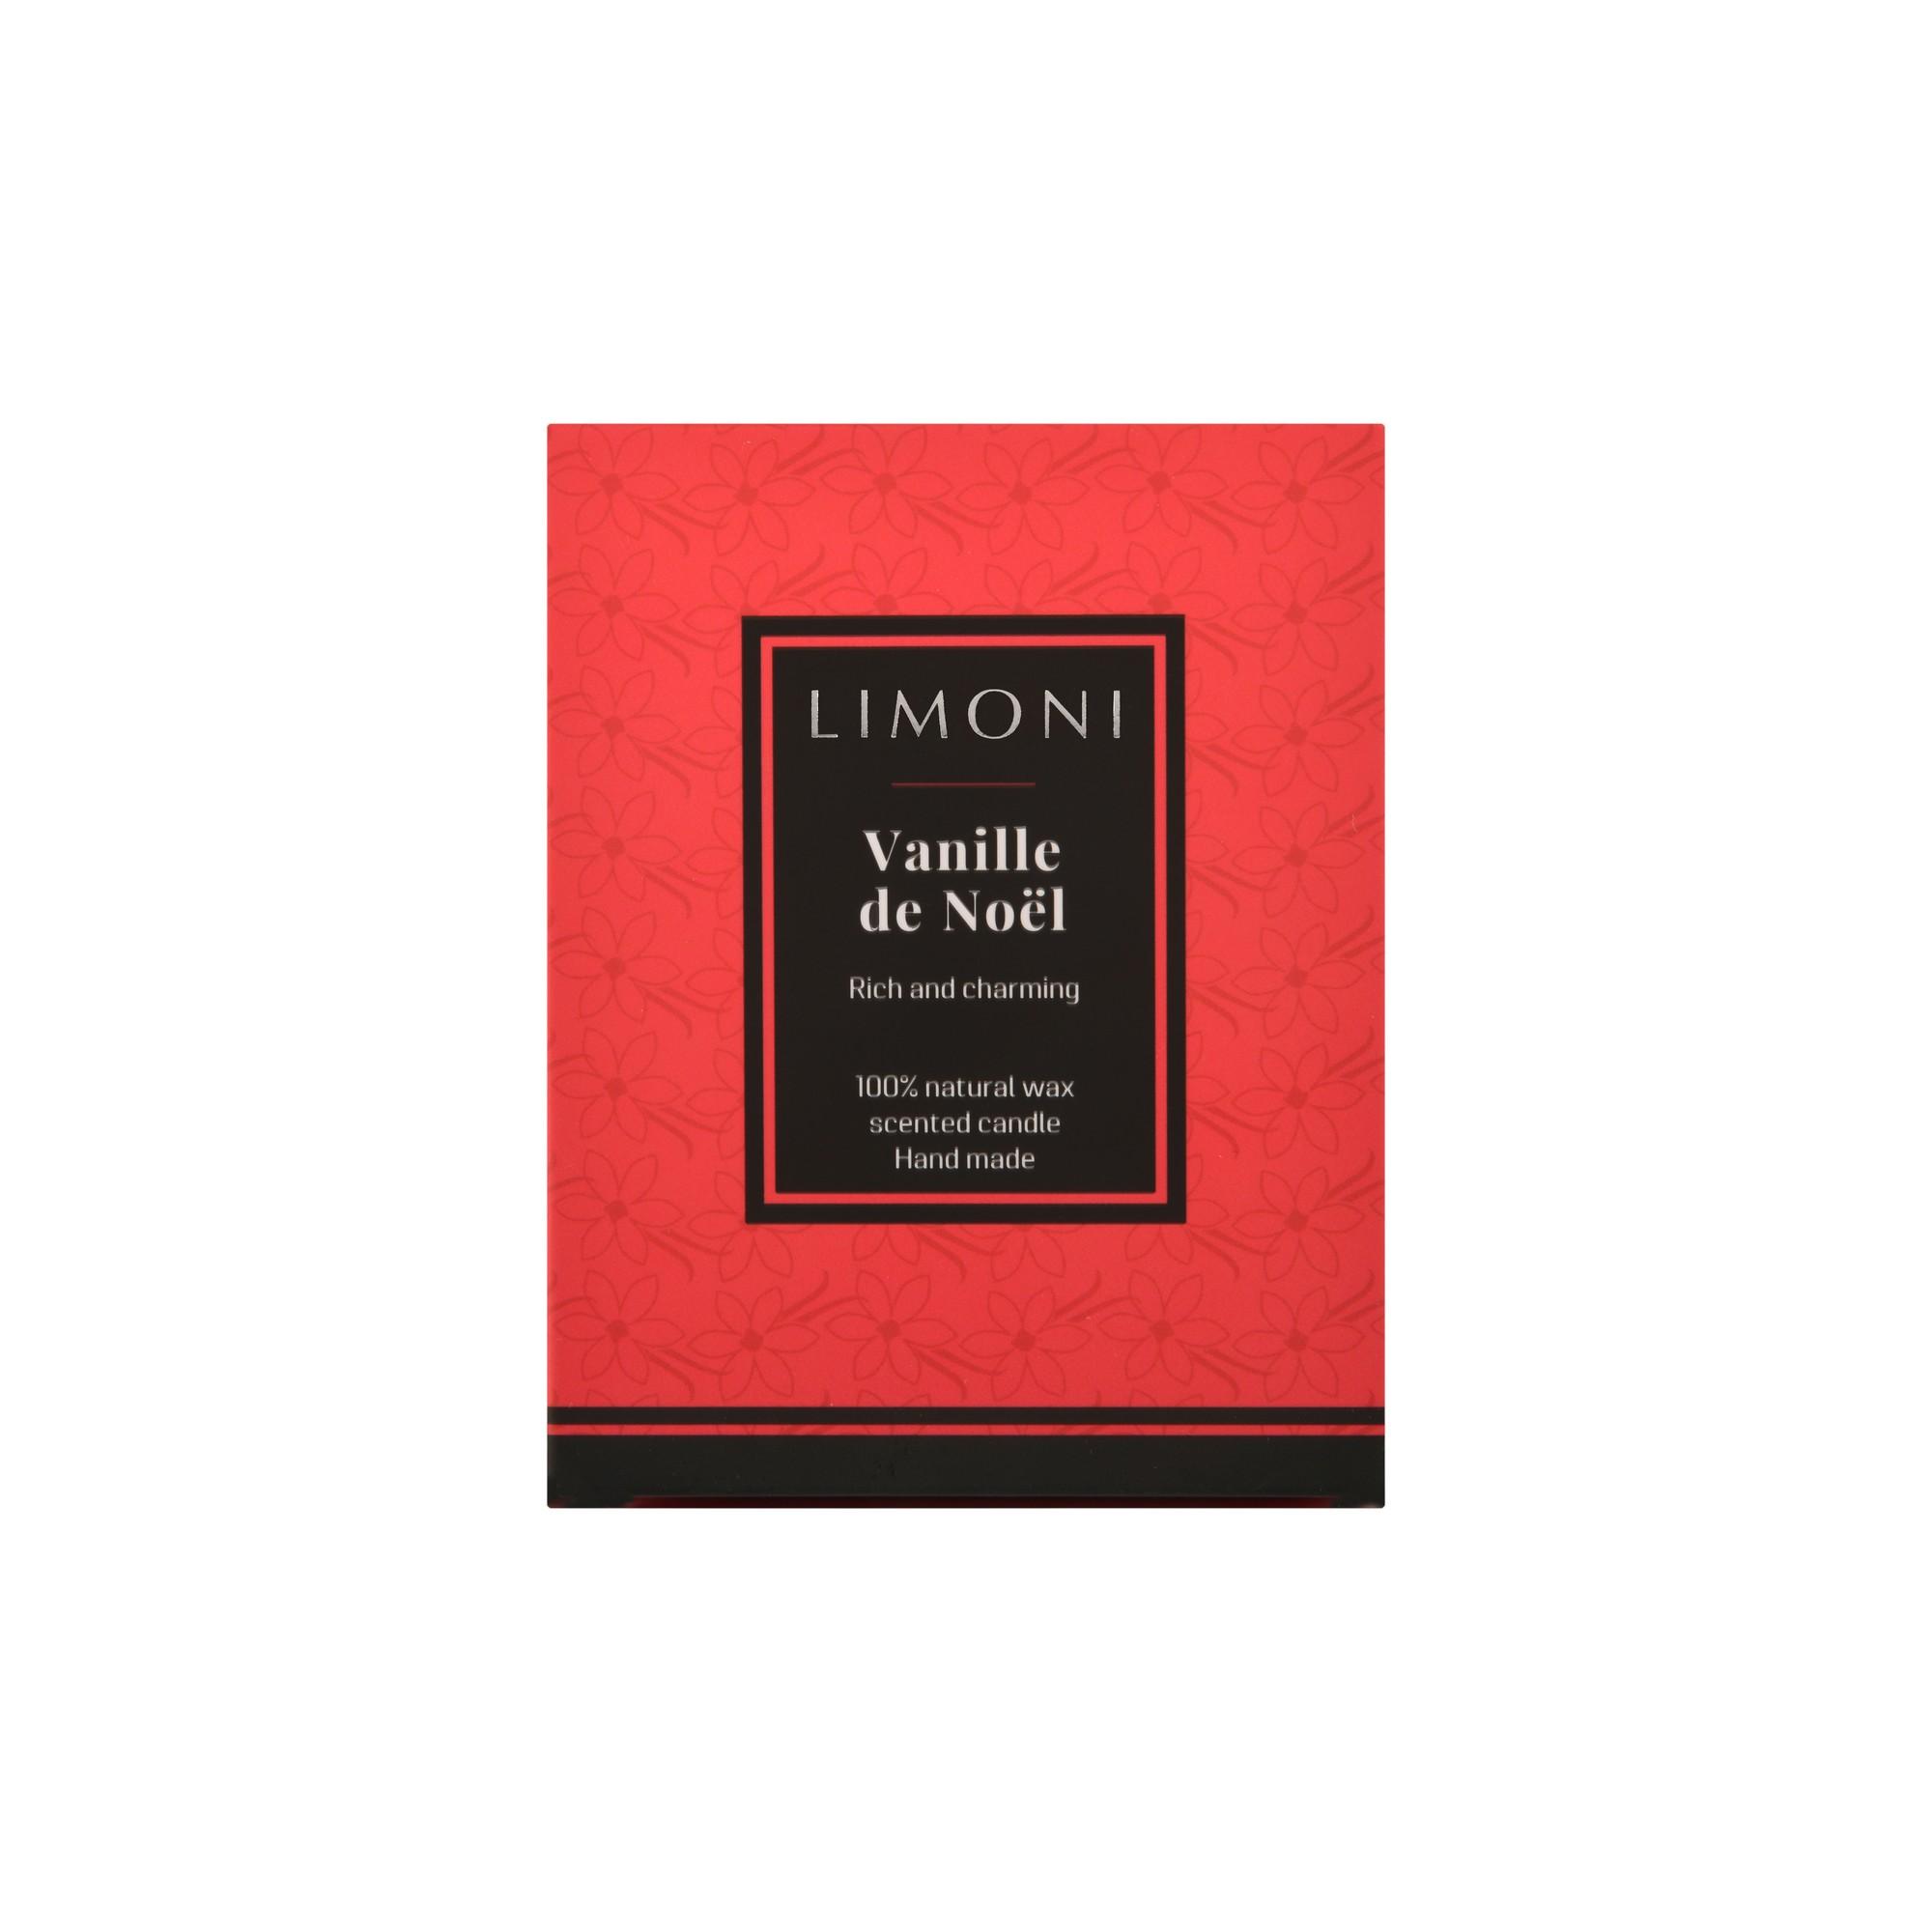 LIMONI Свеча ароматическая Ванильное рождество / LIMONI Vanille De Noel, 160 г от Галерея Косметики